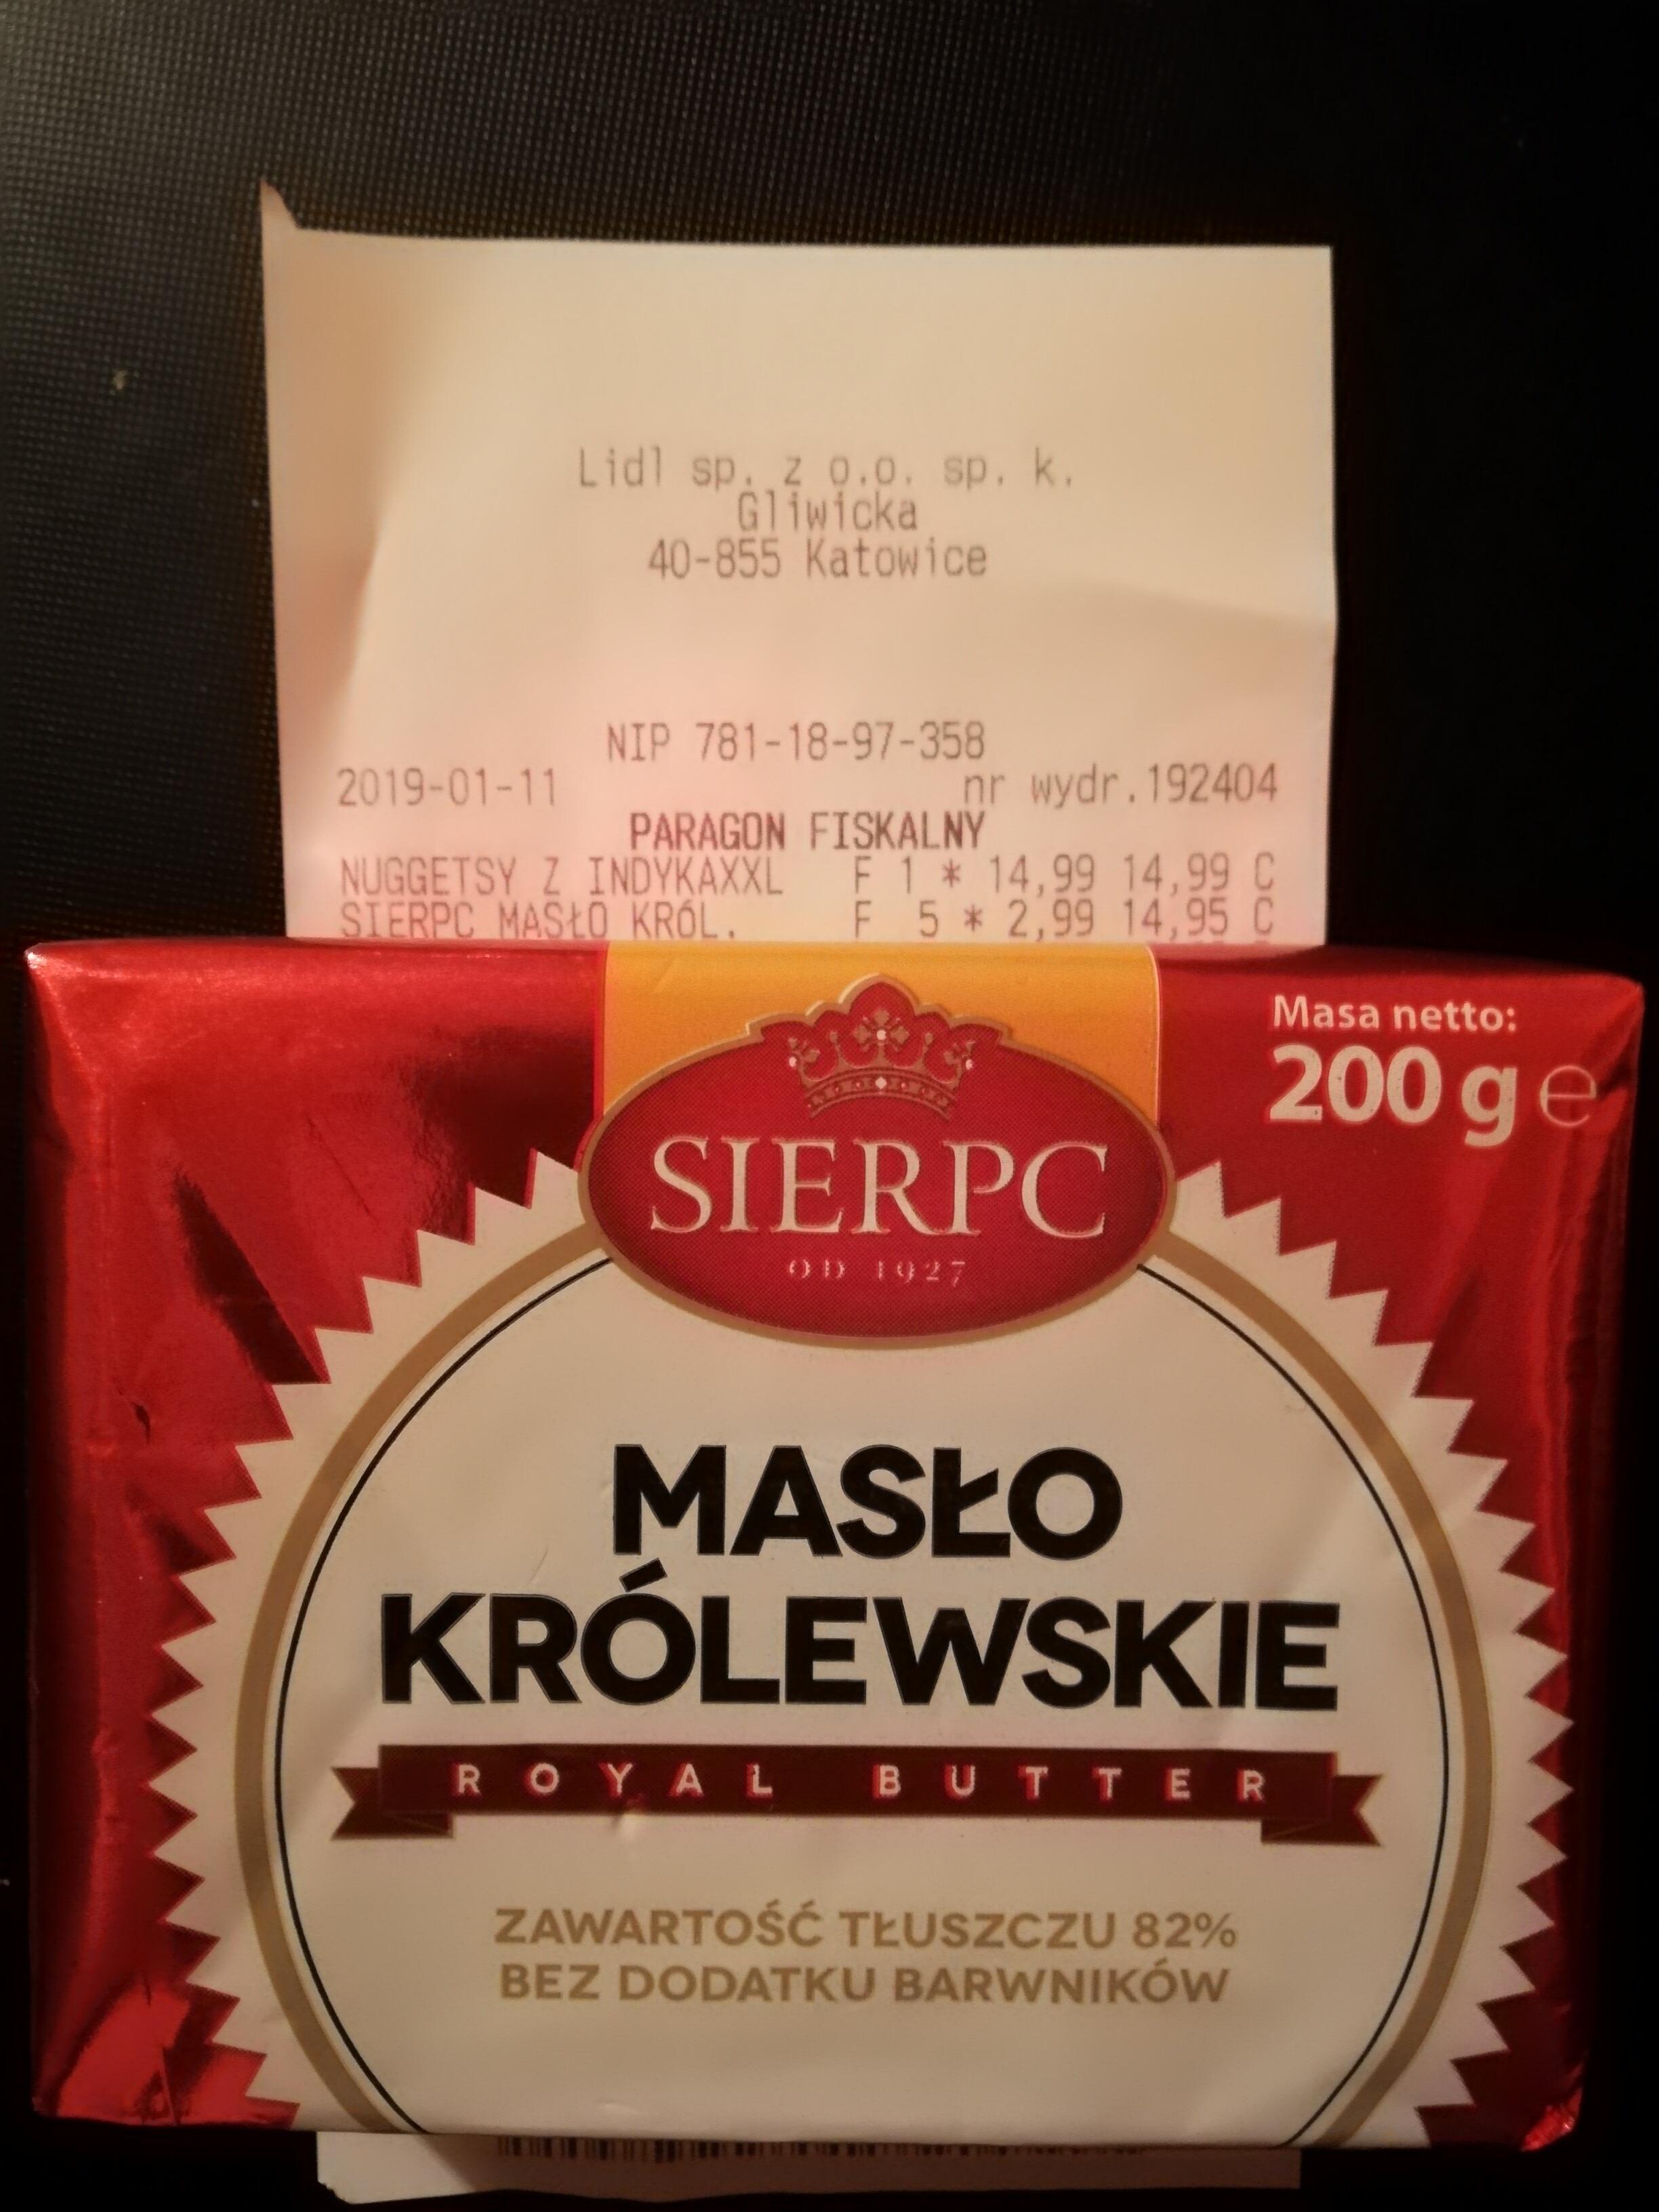 Masło Królewskie Lidl 2.99 !